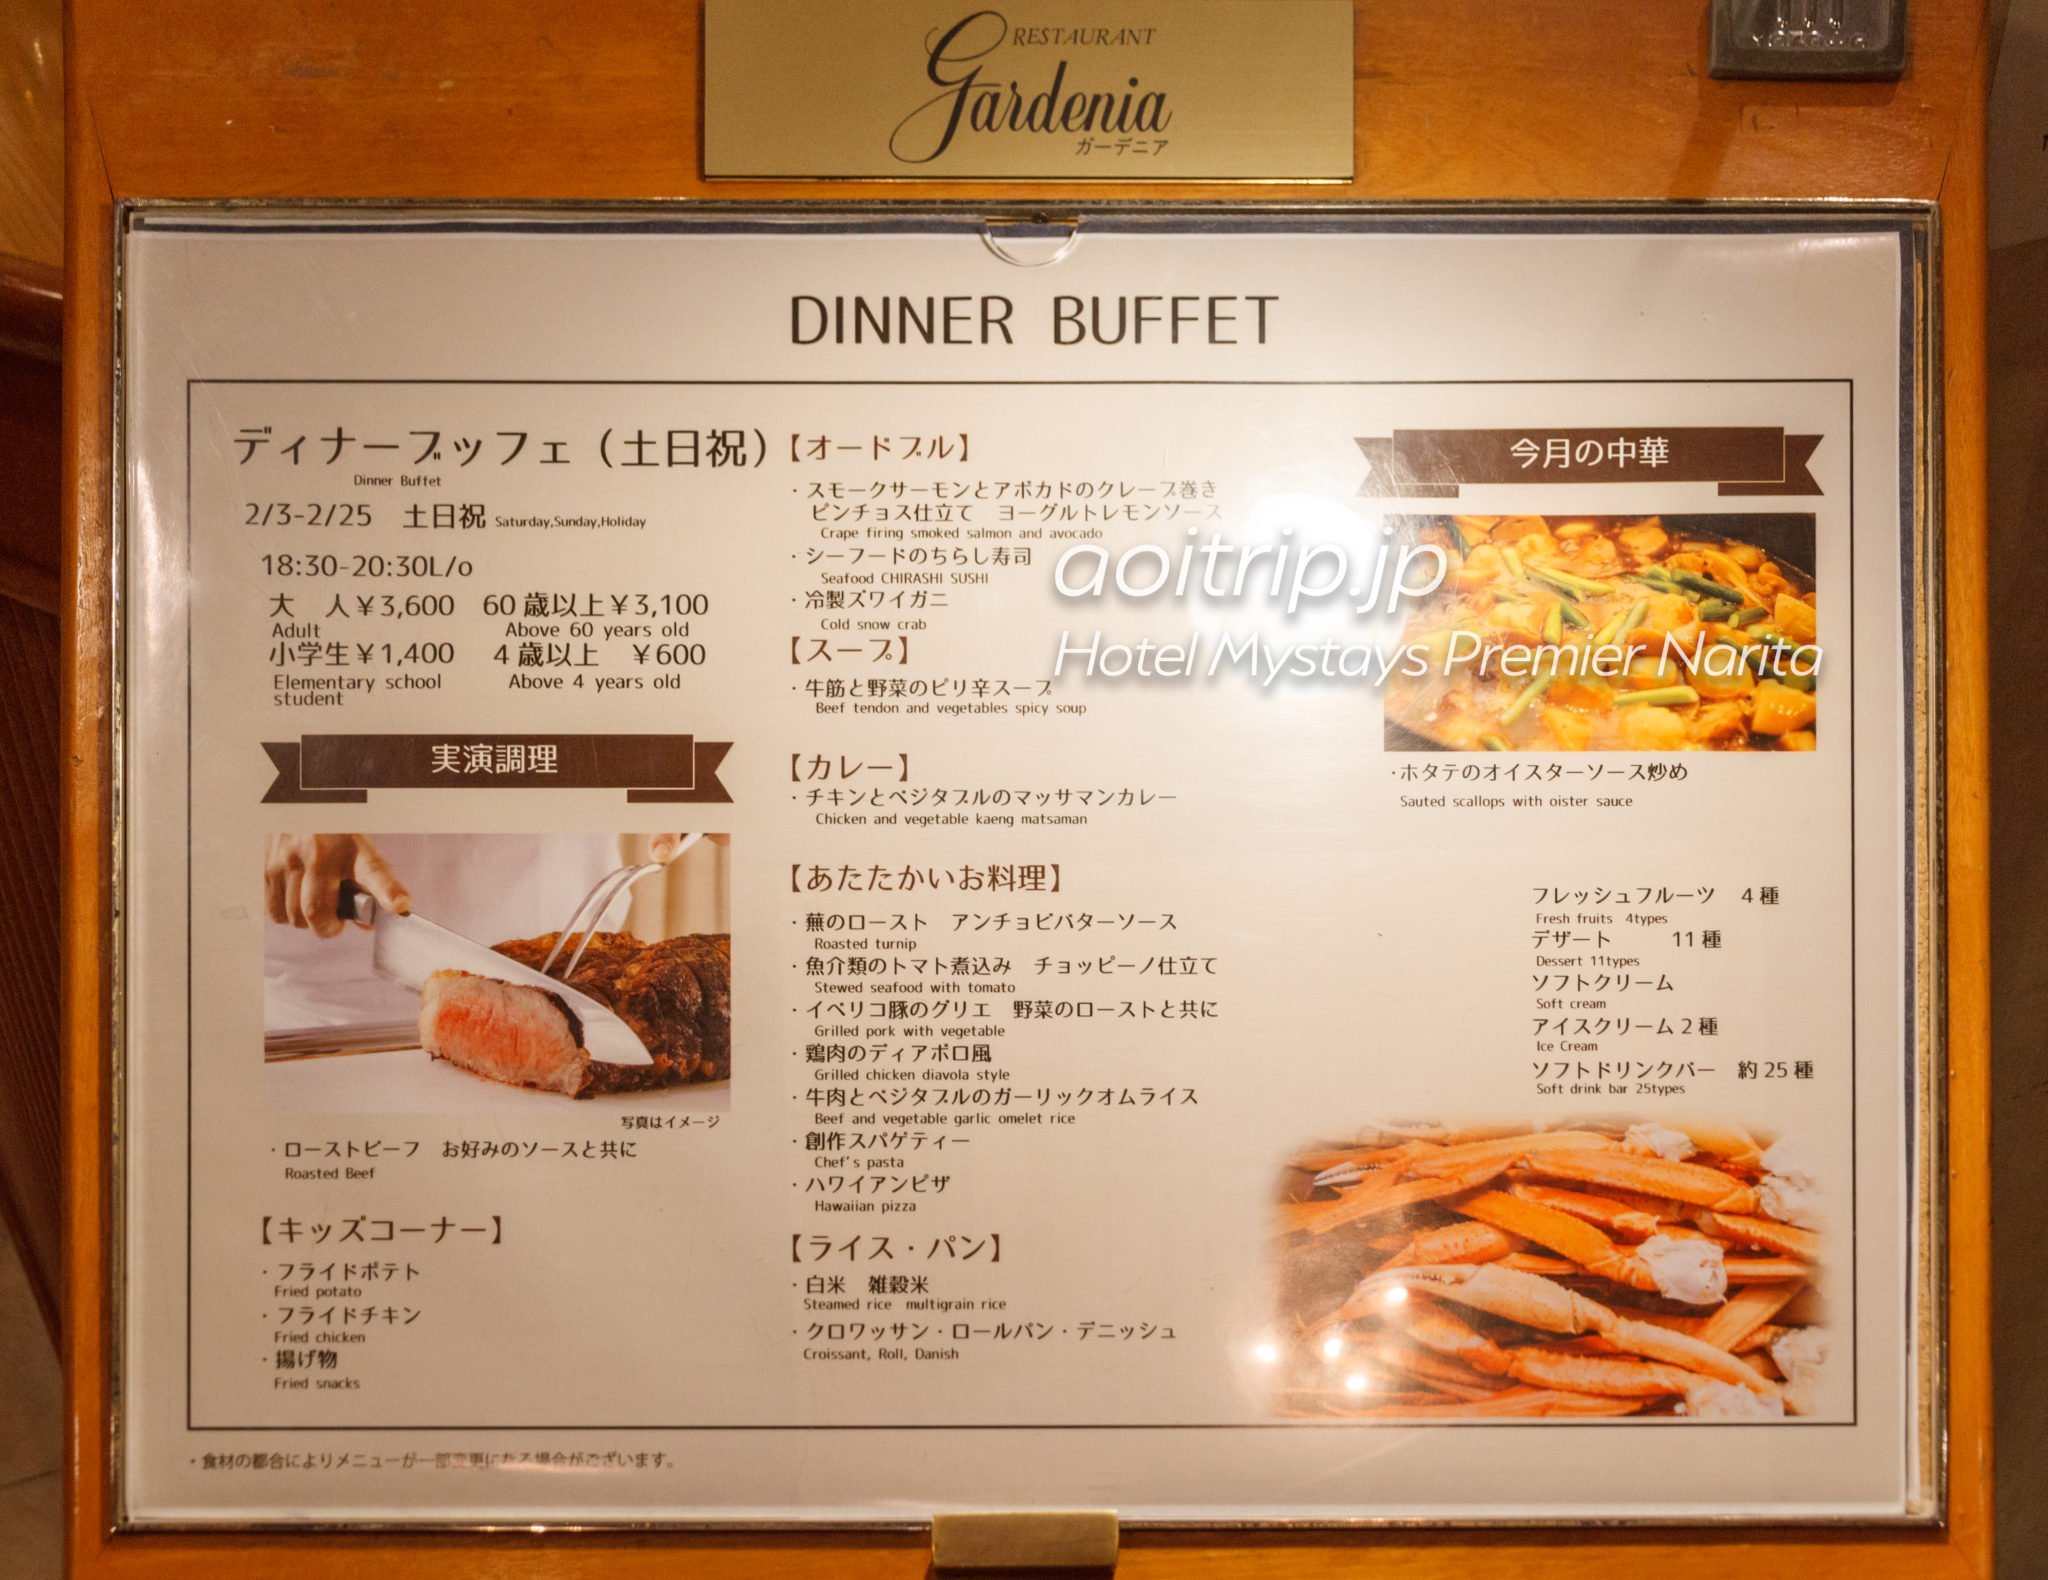 ホテルマイステイズプレミア成田 ディナービュッフェ